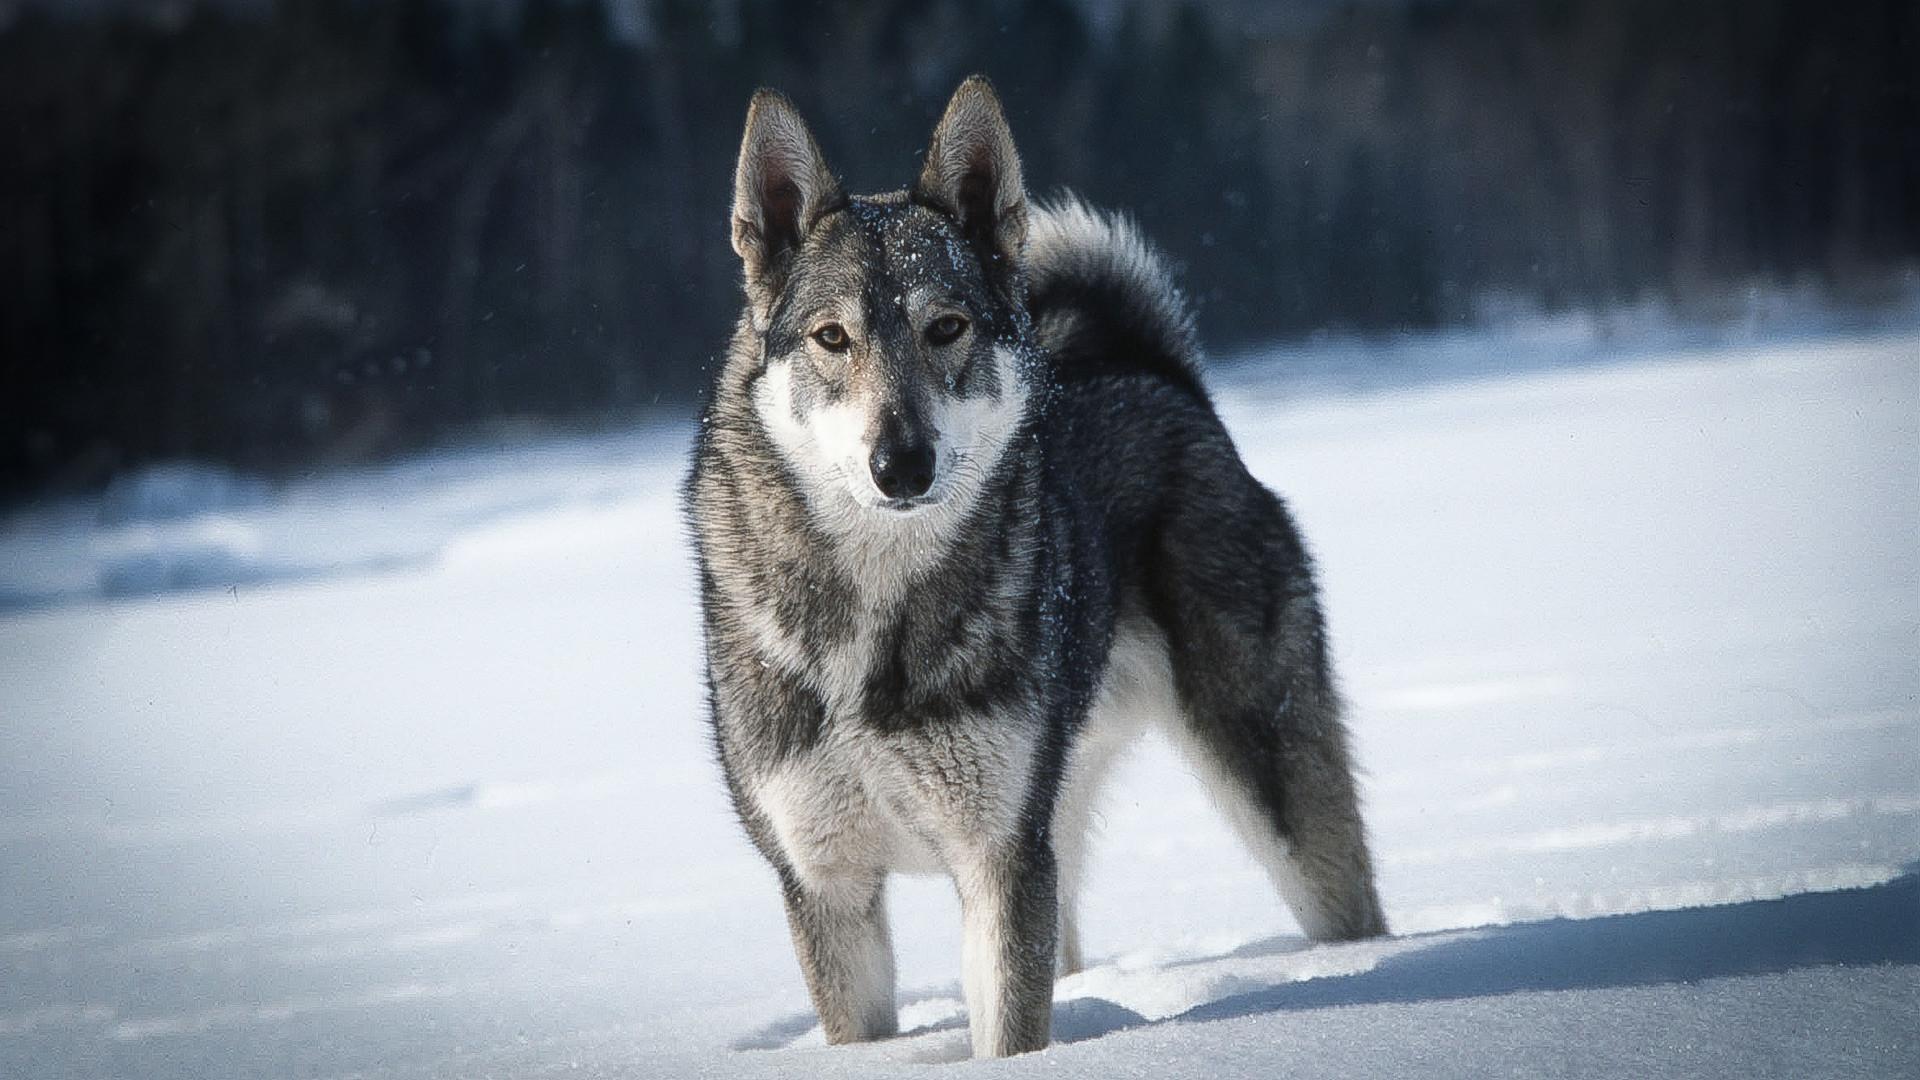 アルタイ地方。良い犬はハンターにとって何の武器よりも重要だと、プロのハンターが言う。ライカはシベリアに最適な犬である。写真に写っている犬の名前はビチ。